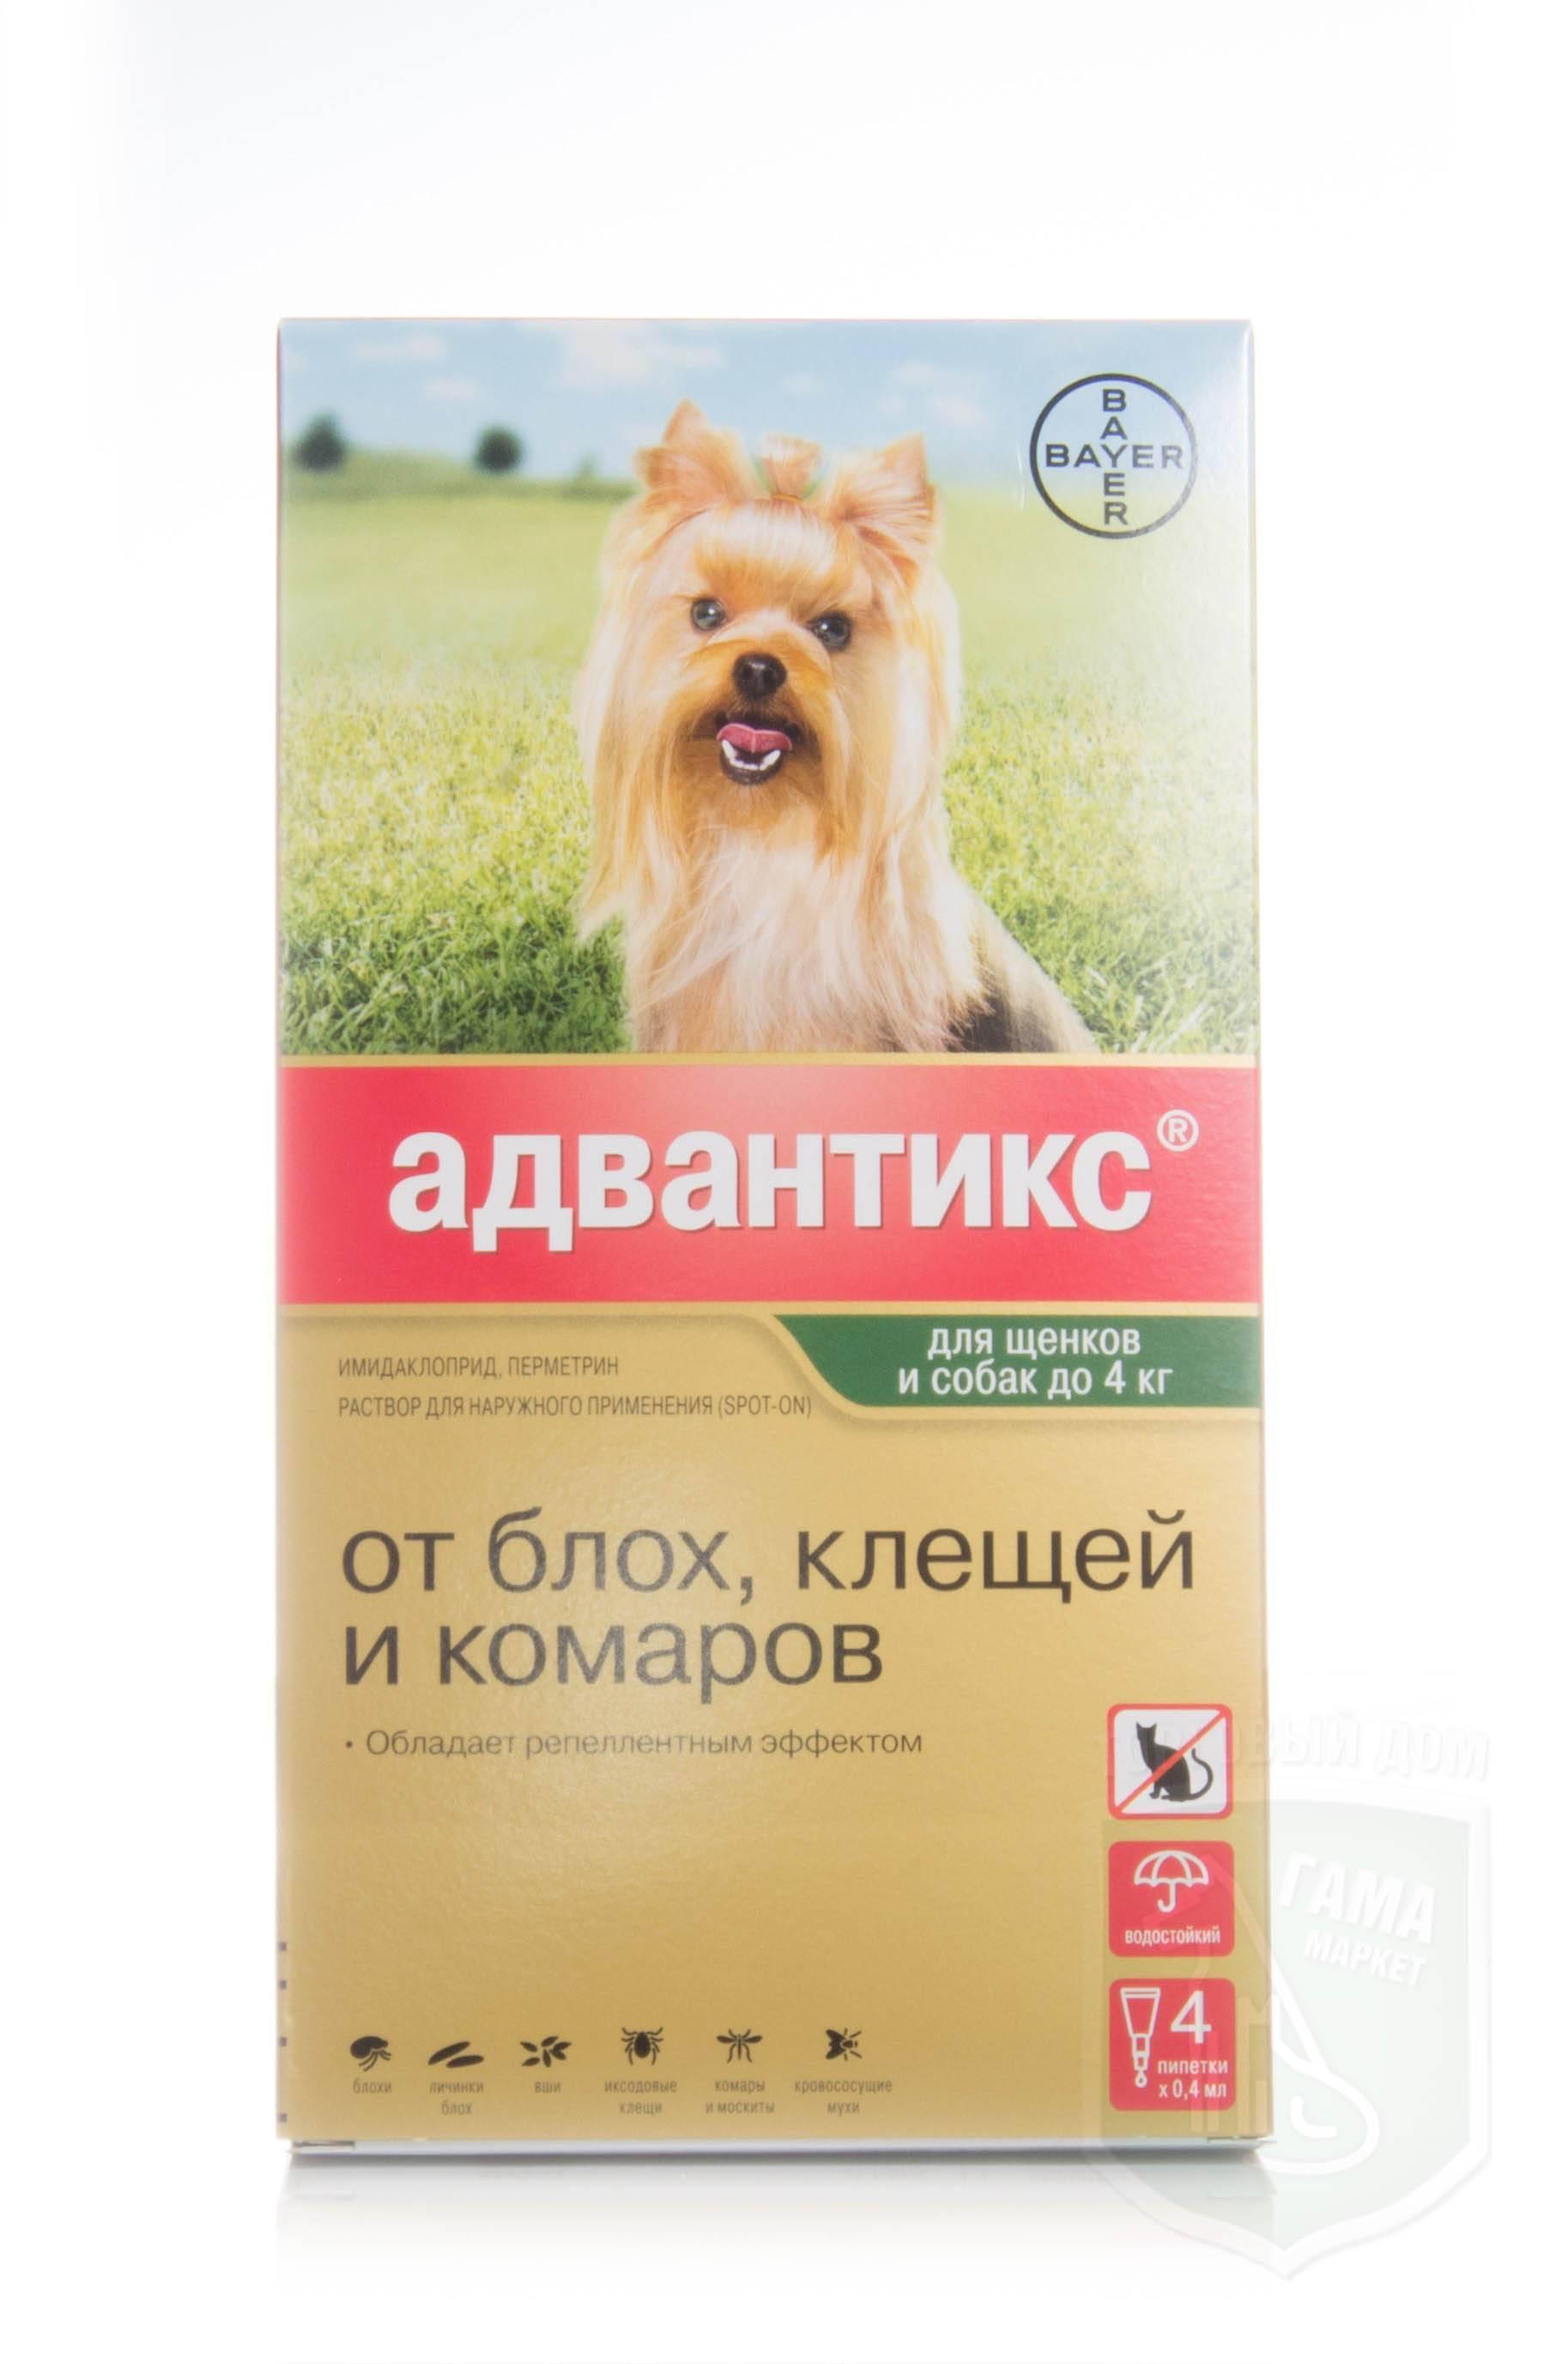 Адвантикс от блох для собак: отзывы, инструкция